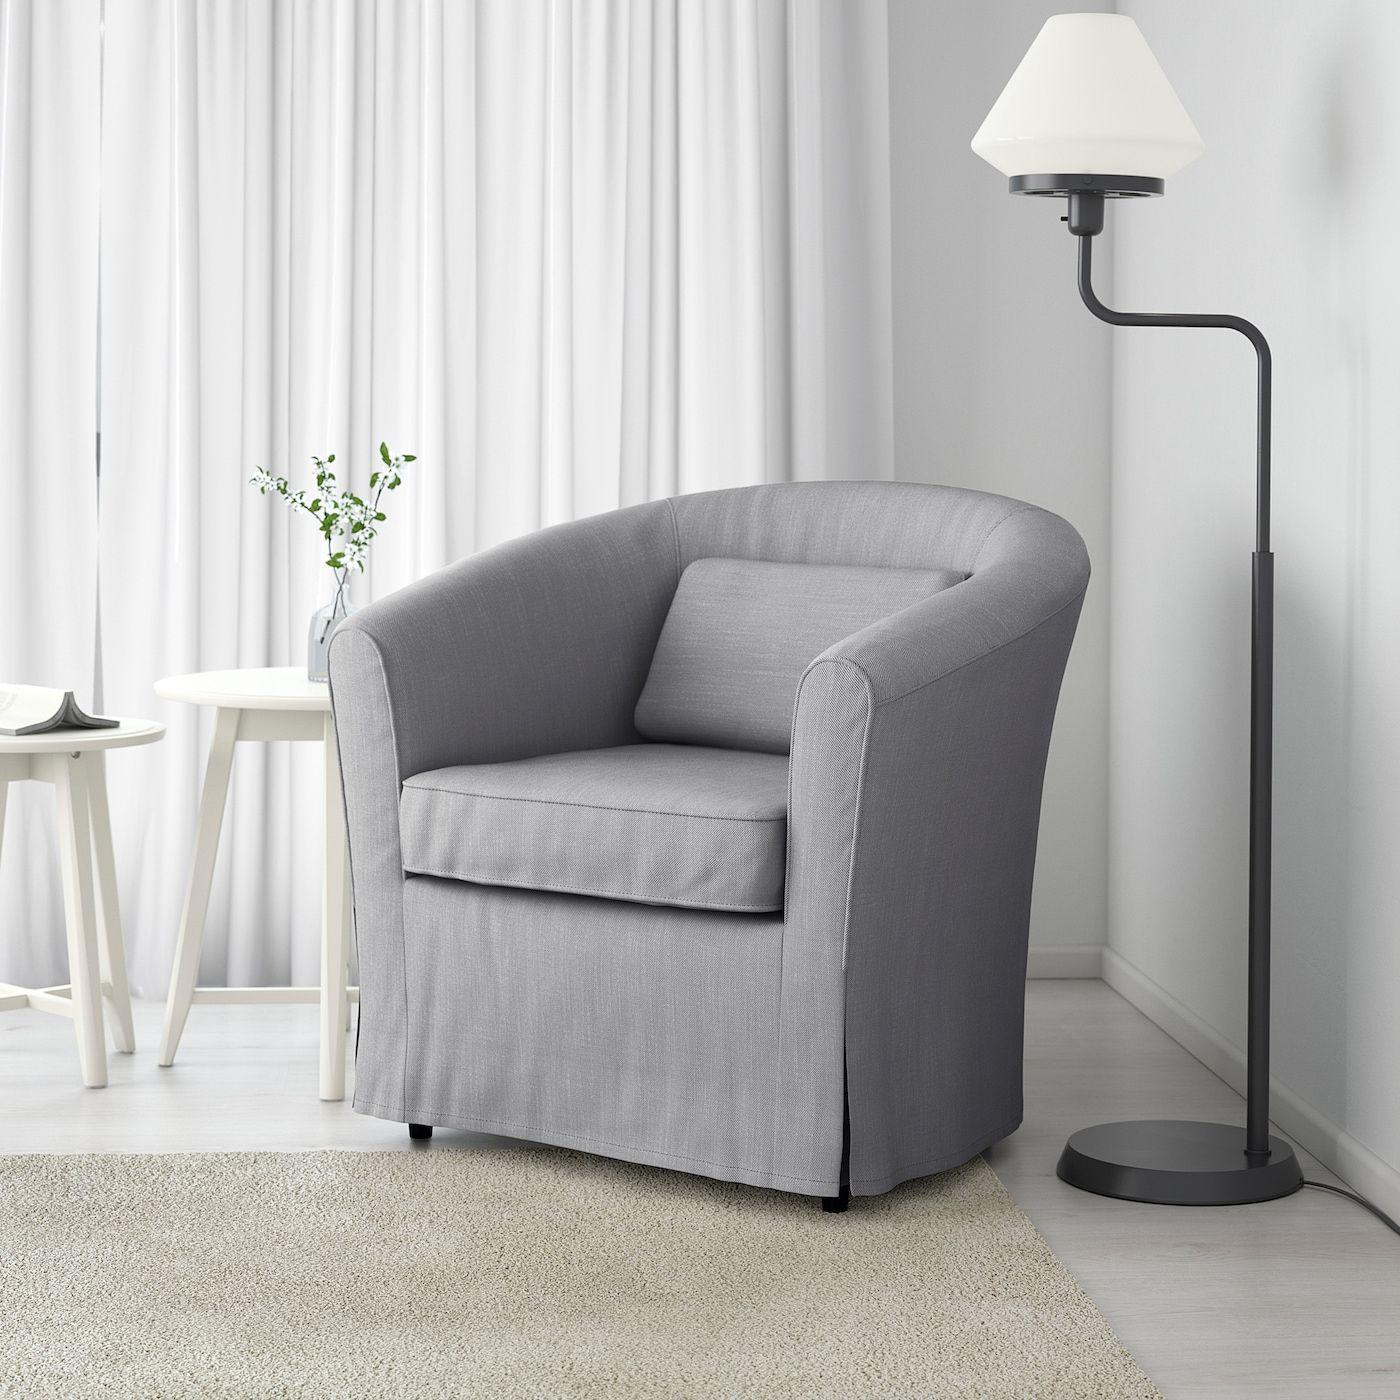 Ikea Muren Slipcover